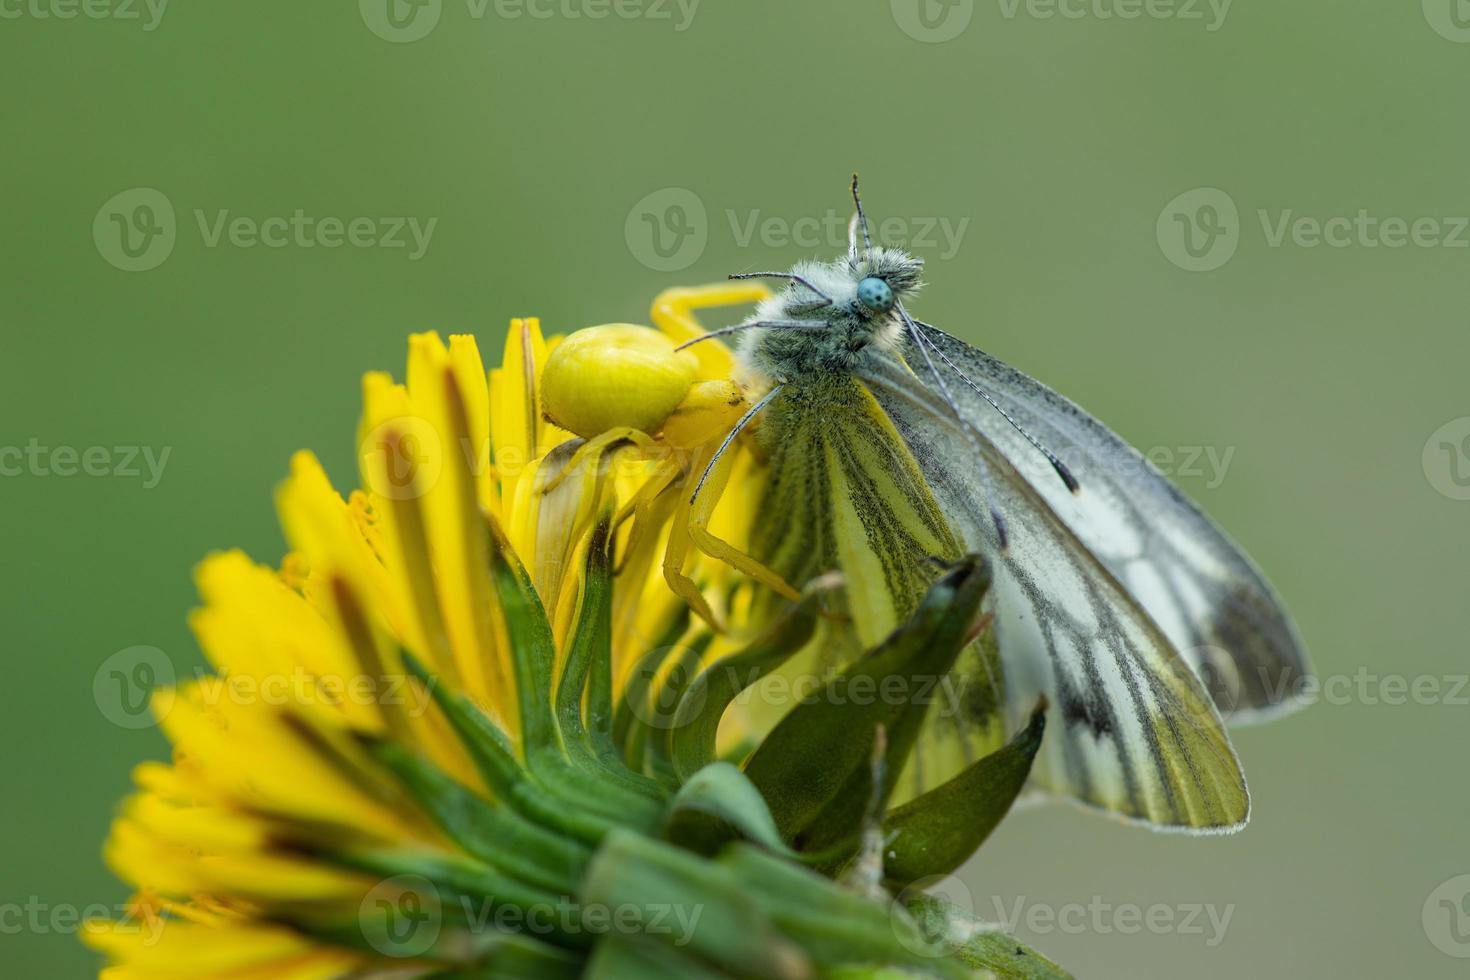 Araignée crabe jaune se nourrissant d'un papillon blanc photo